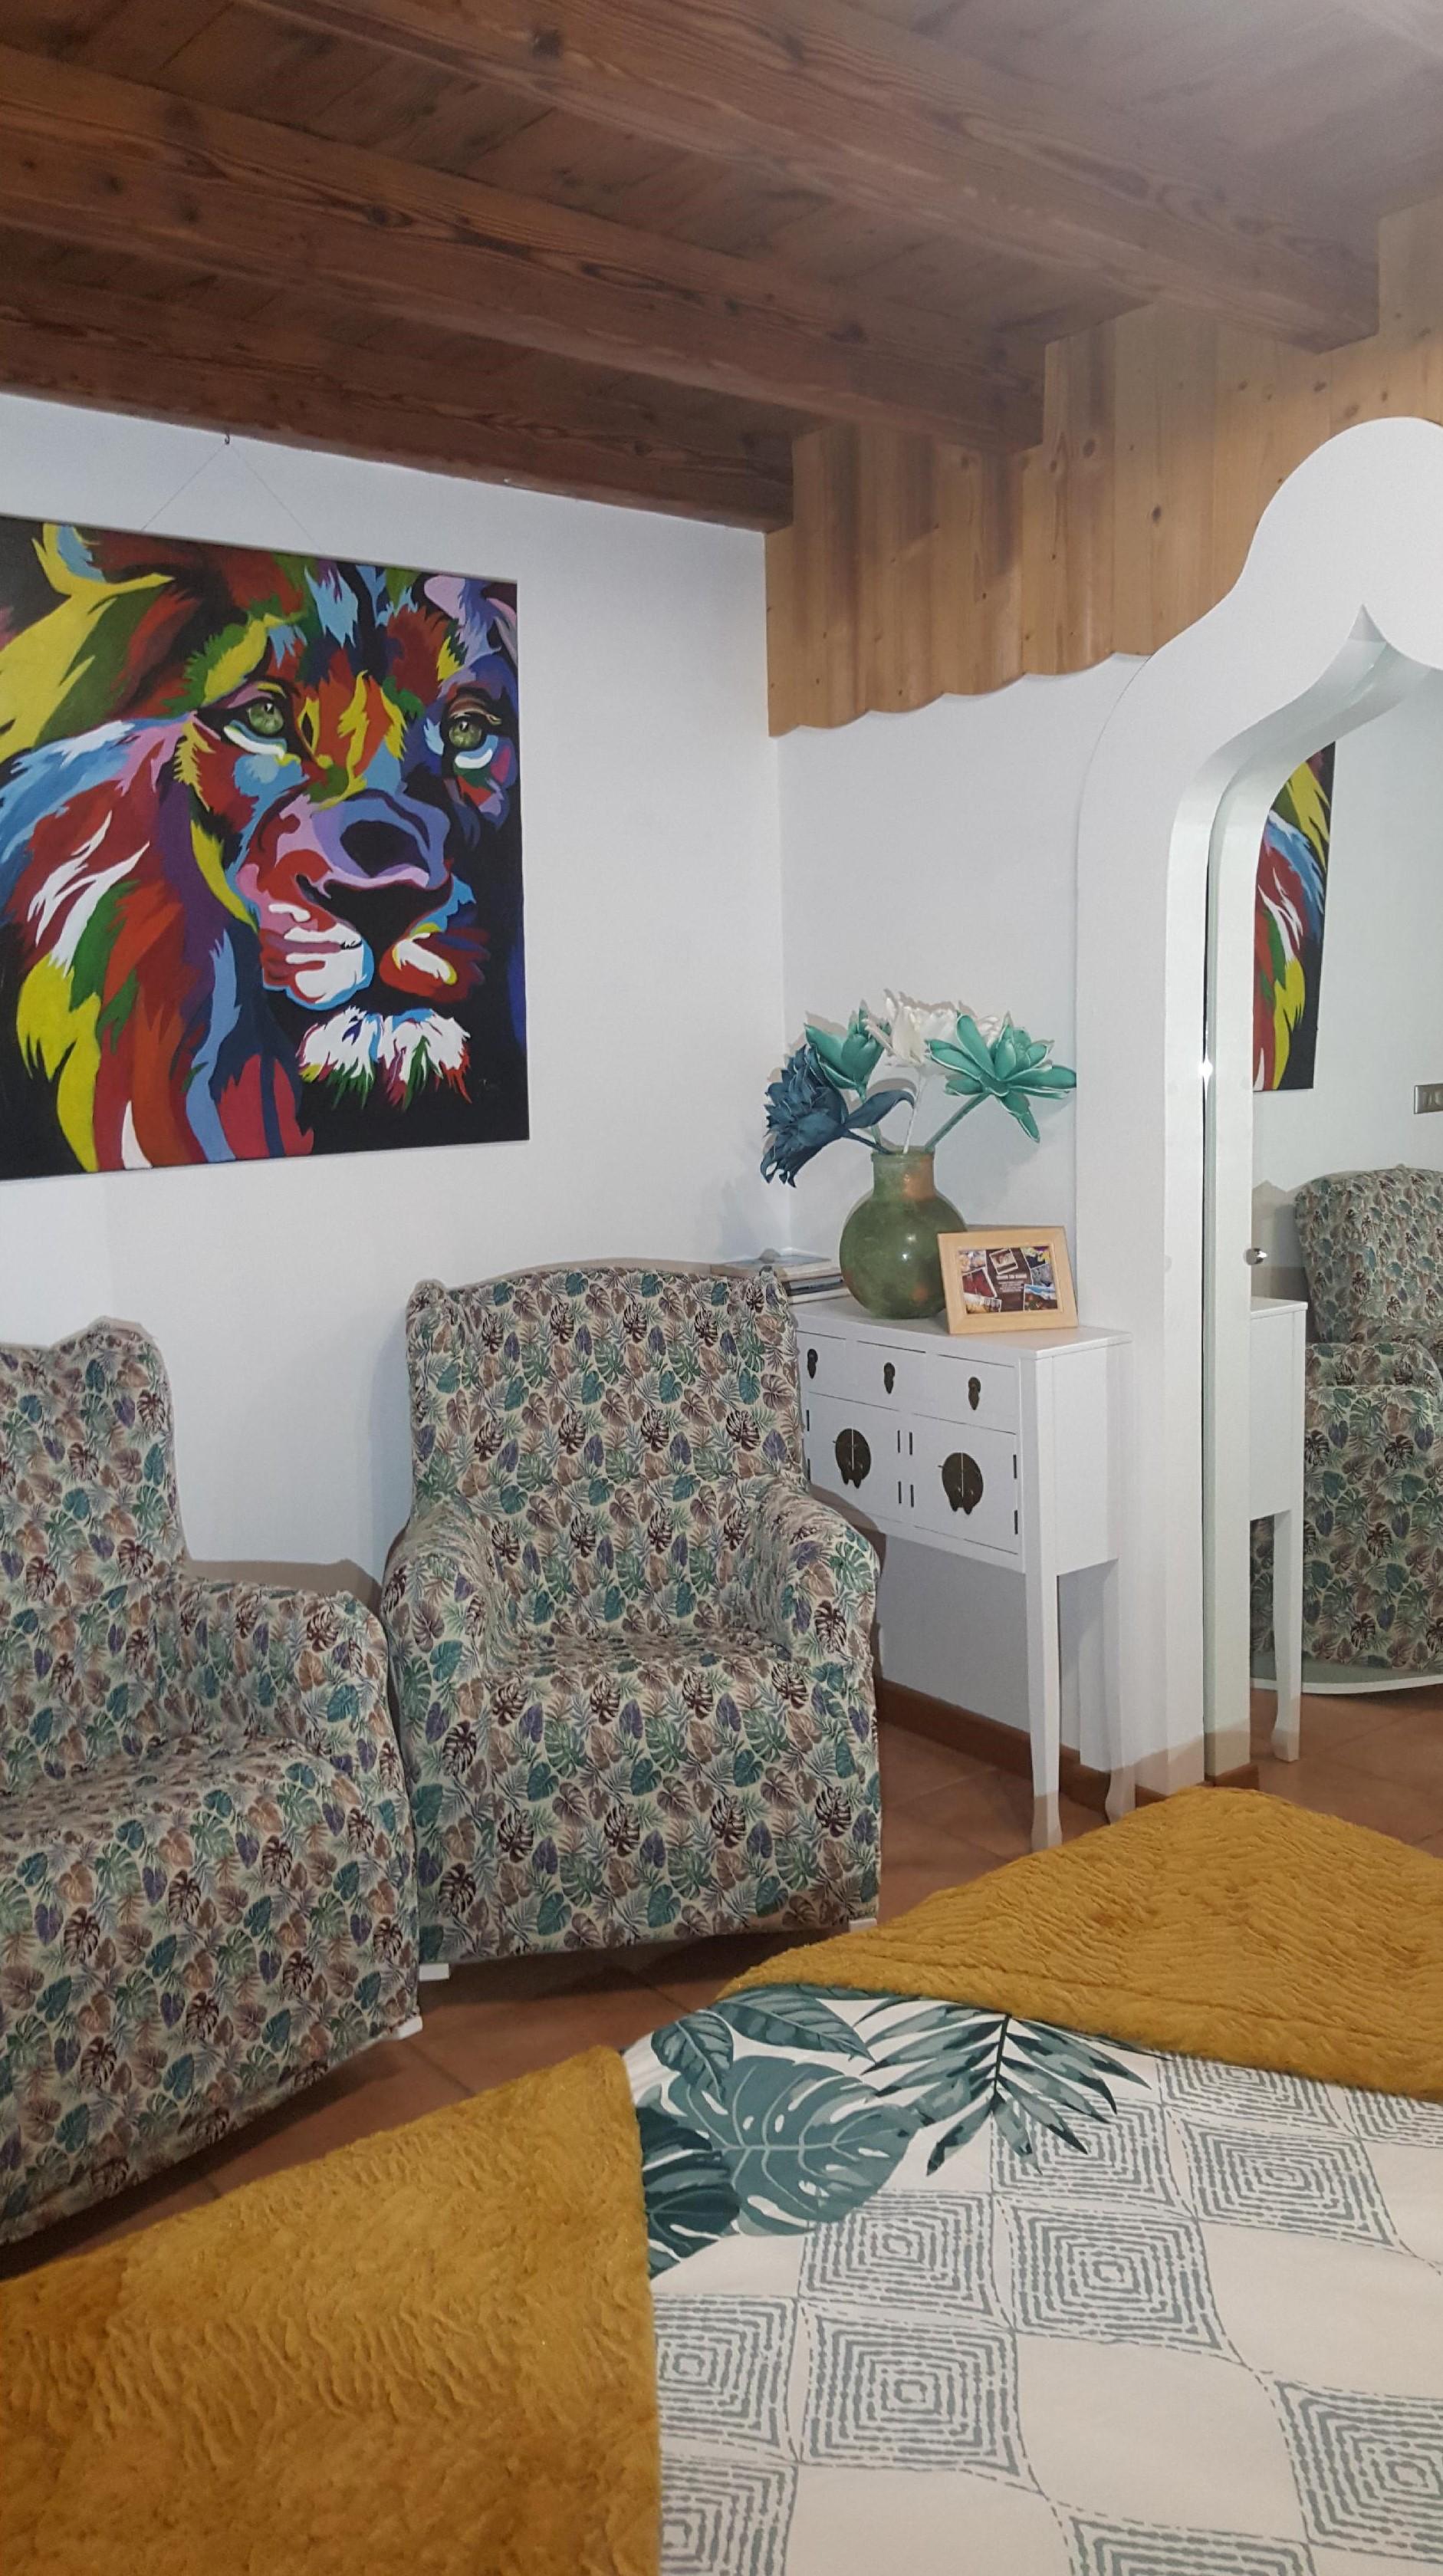 Chambre côté fauteuils